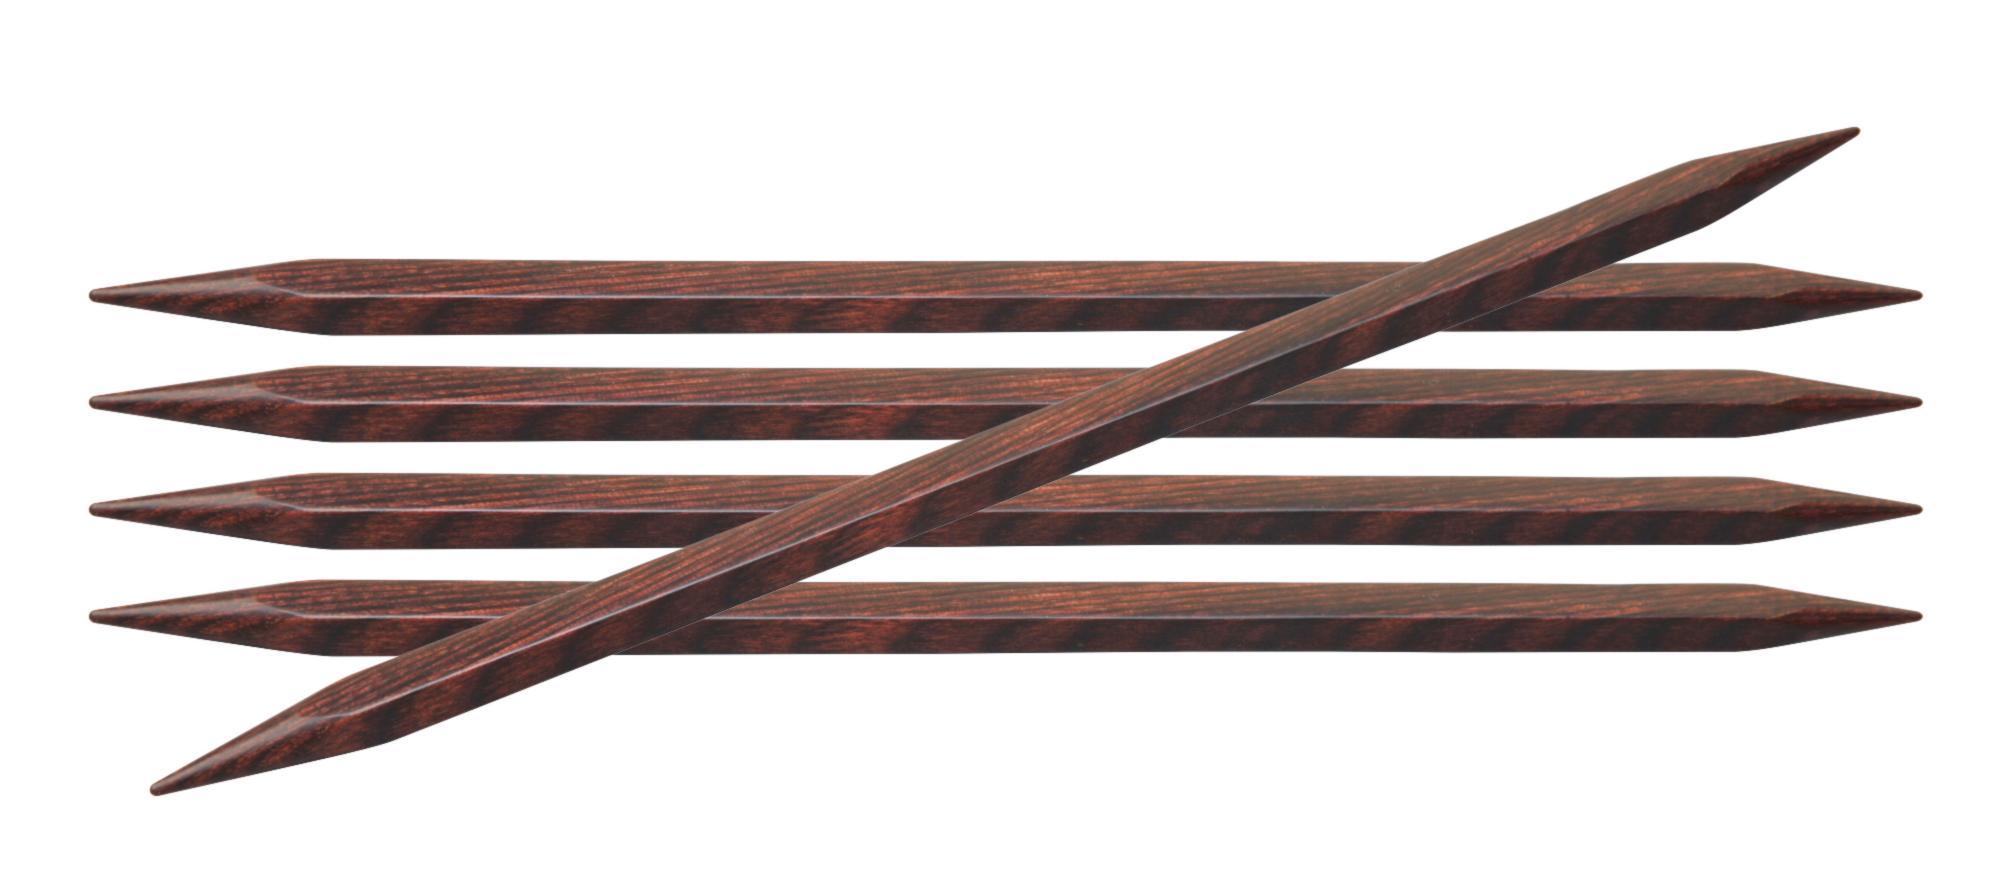 Спицы носочные 20 см Cubics Symfonie-Rose KnitPro, 25114 5.00 мм